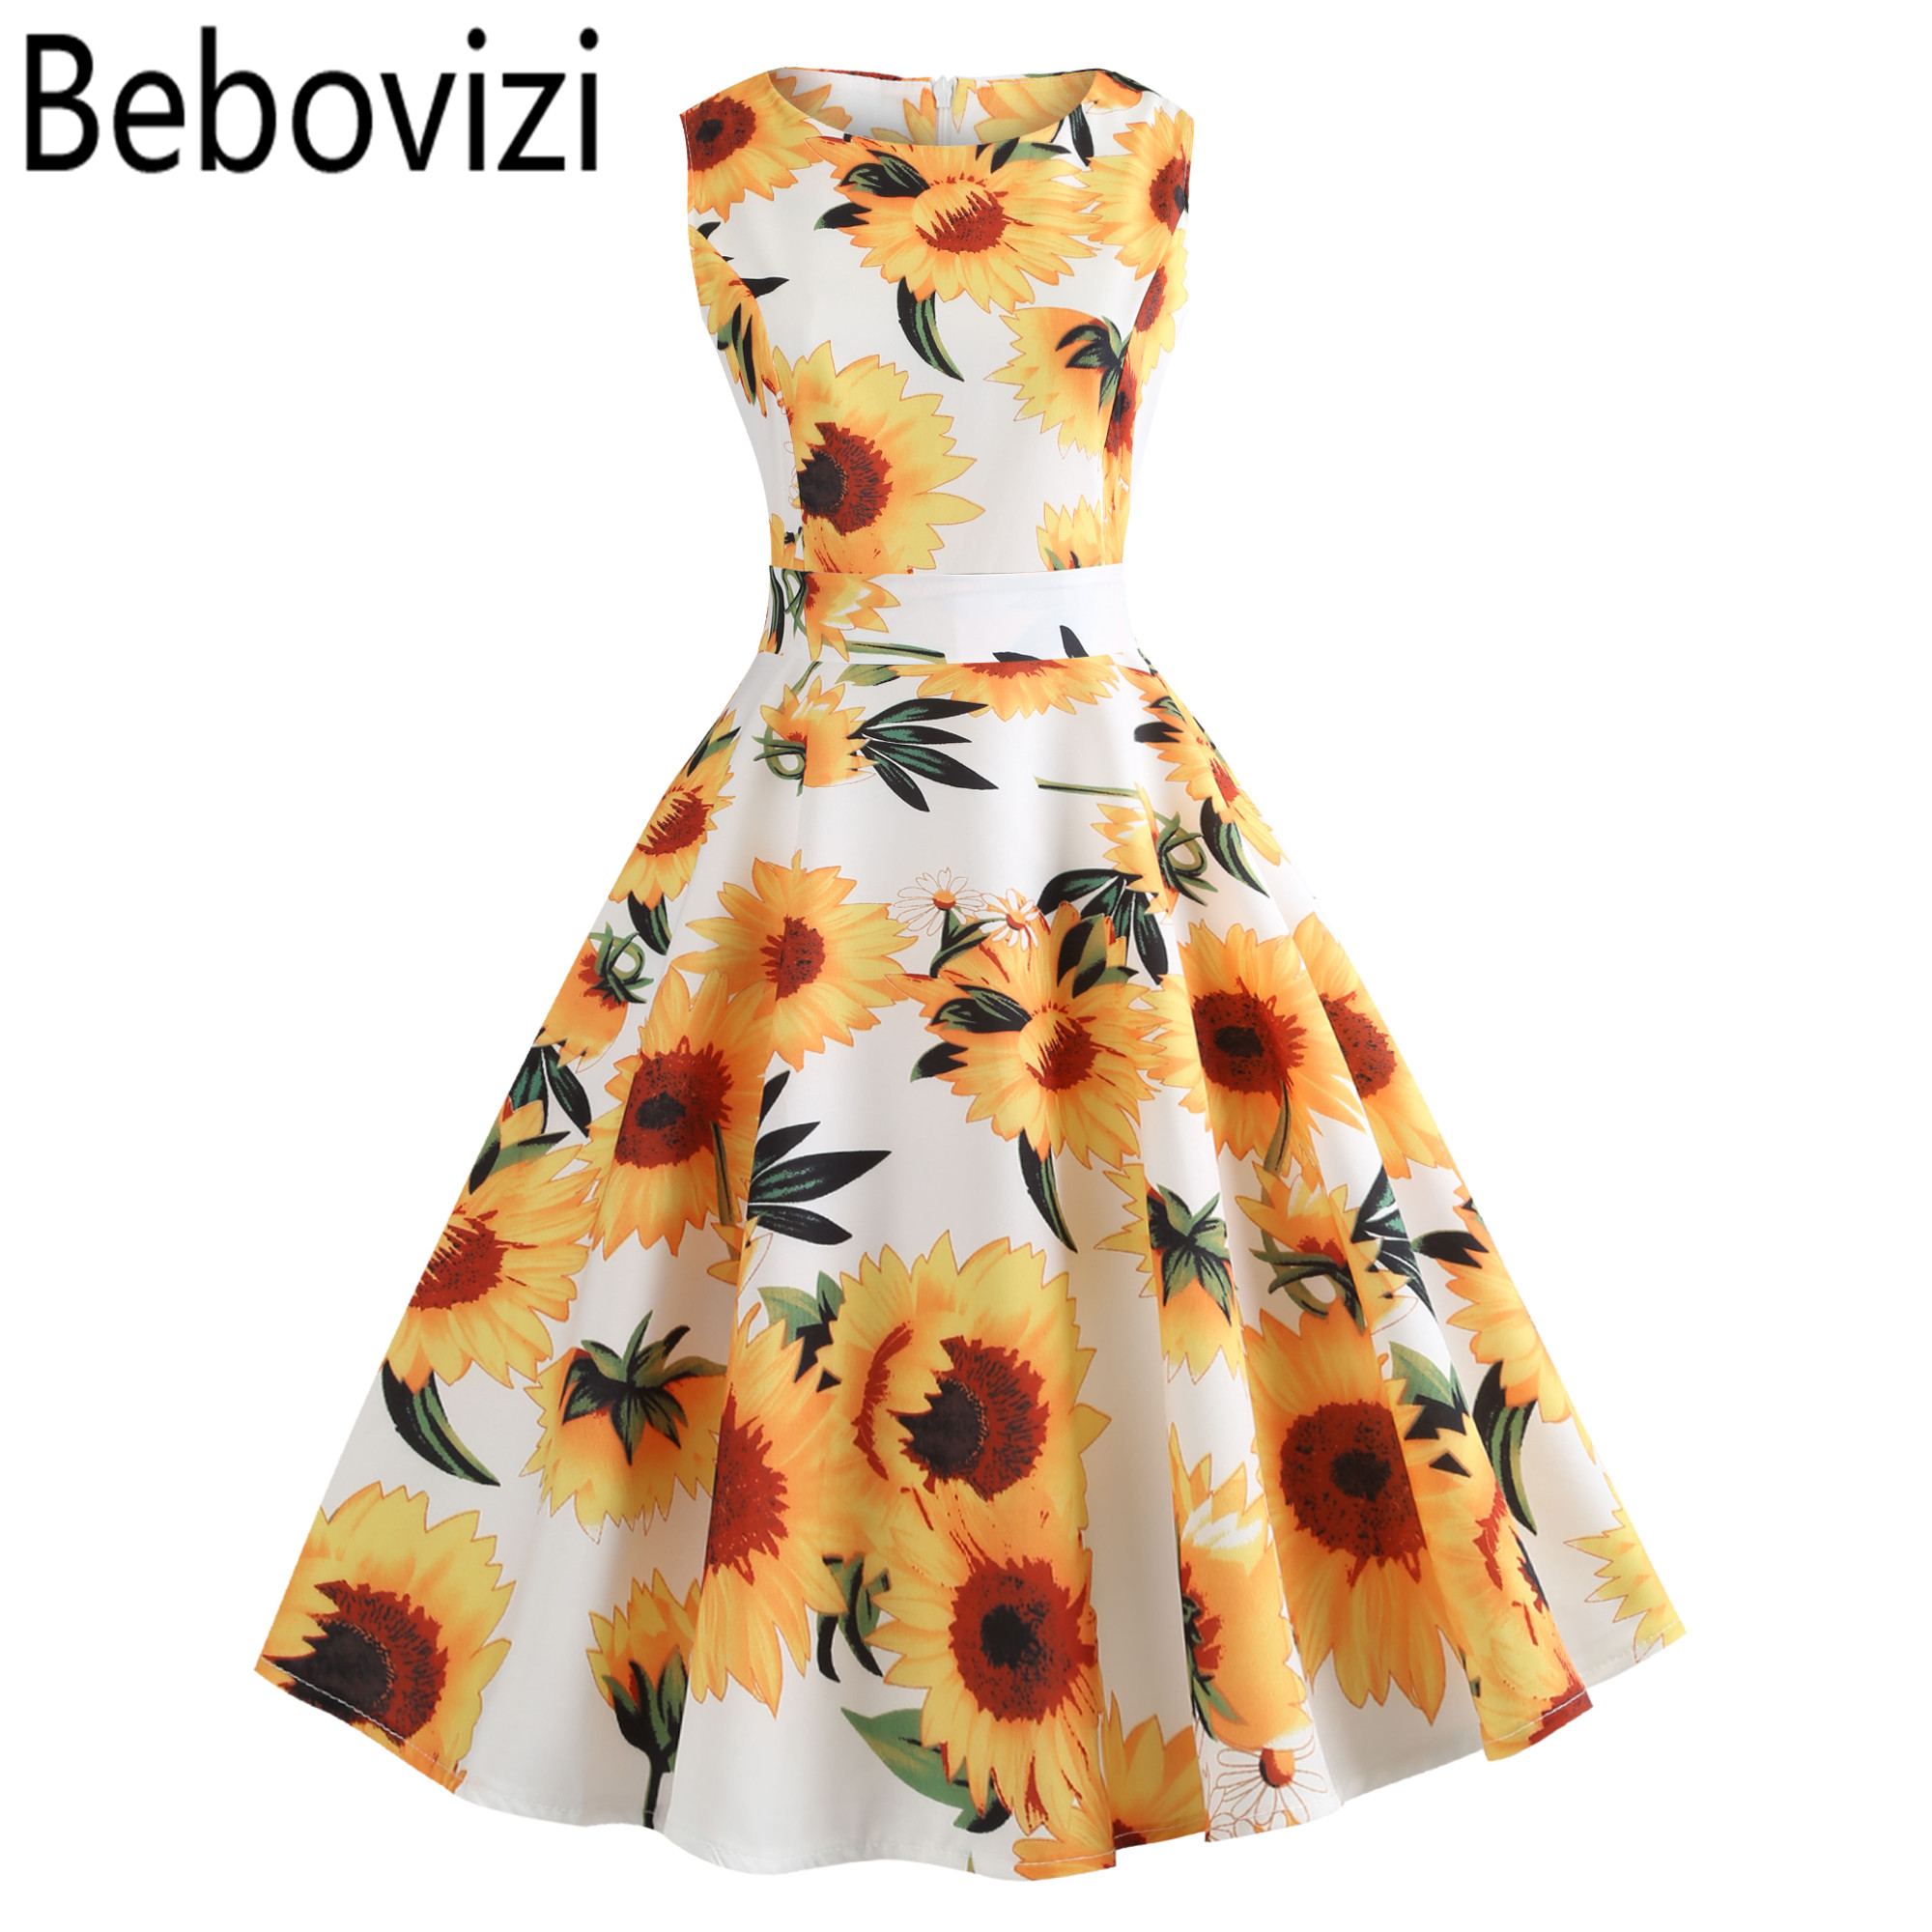 2019 Gelbe Sonnenblume Plus Größe Vintage Kleid Robe Femme Casual Elegante Sommer Kleidung Oansatz Party Strand Midi Kleider Für Frauen